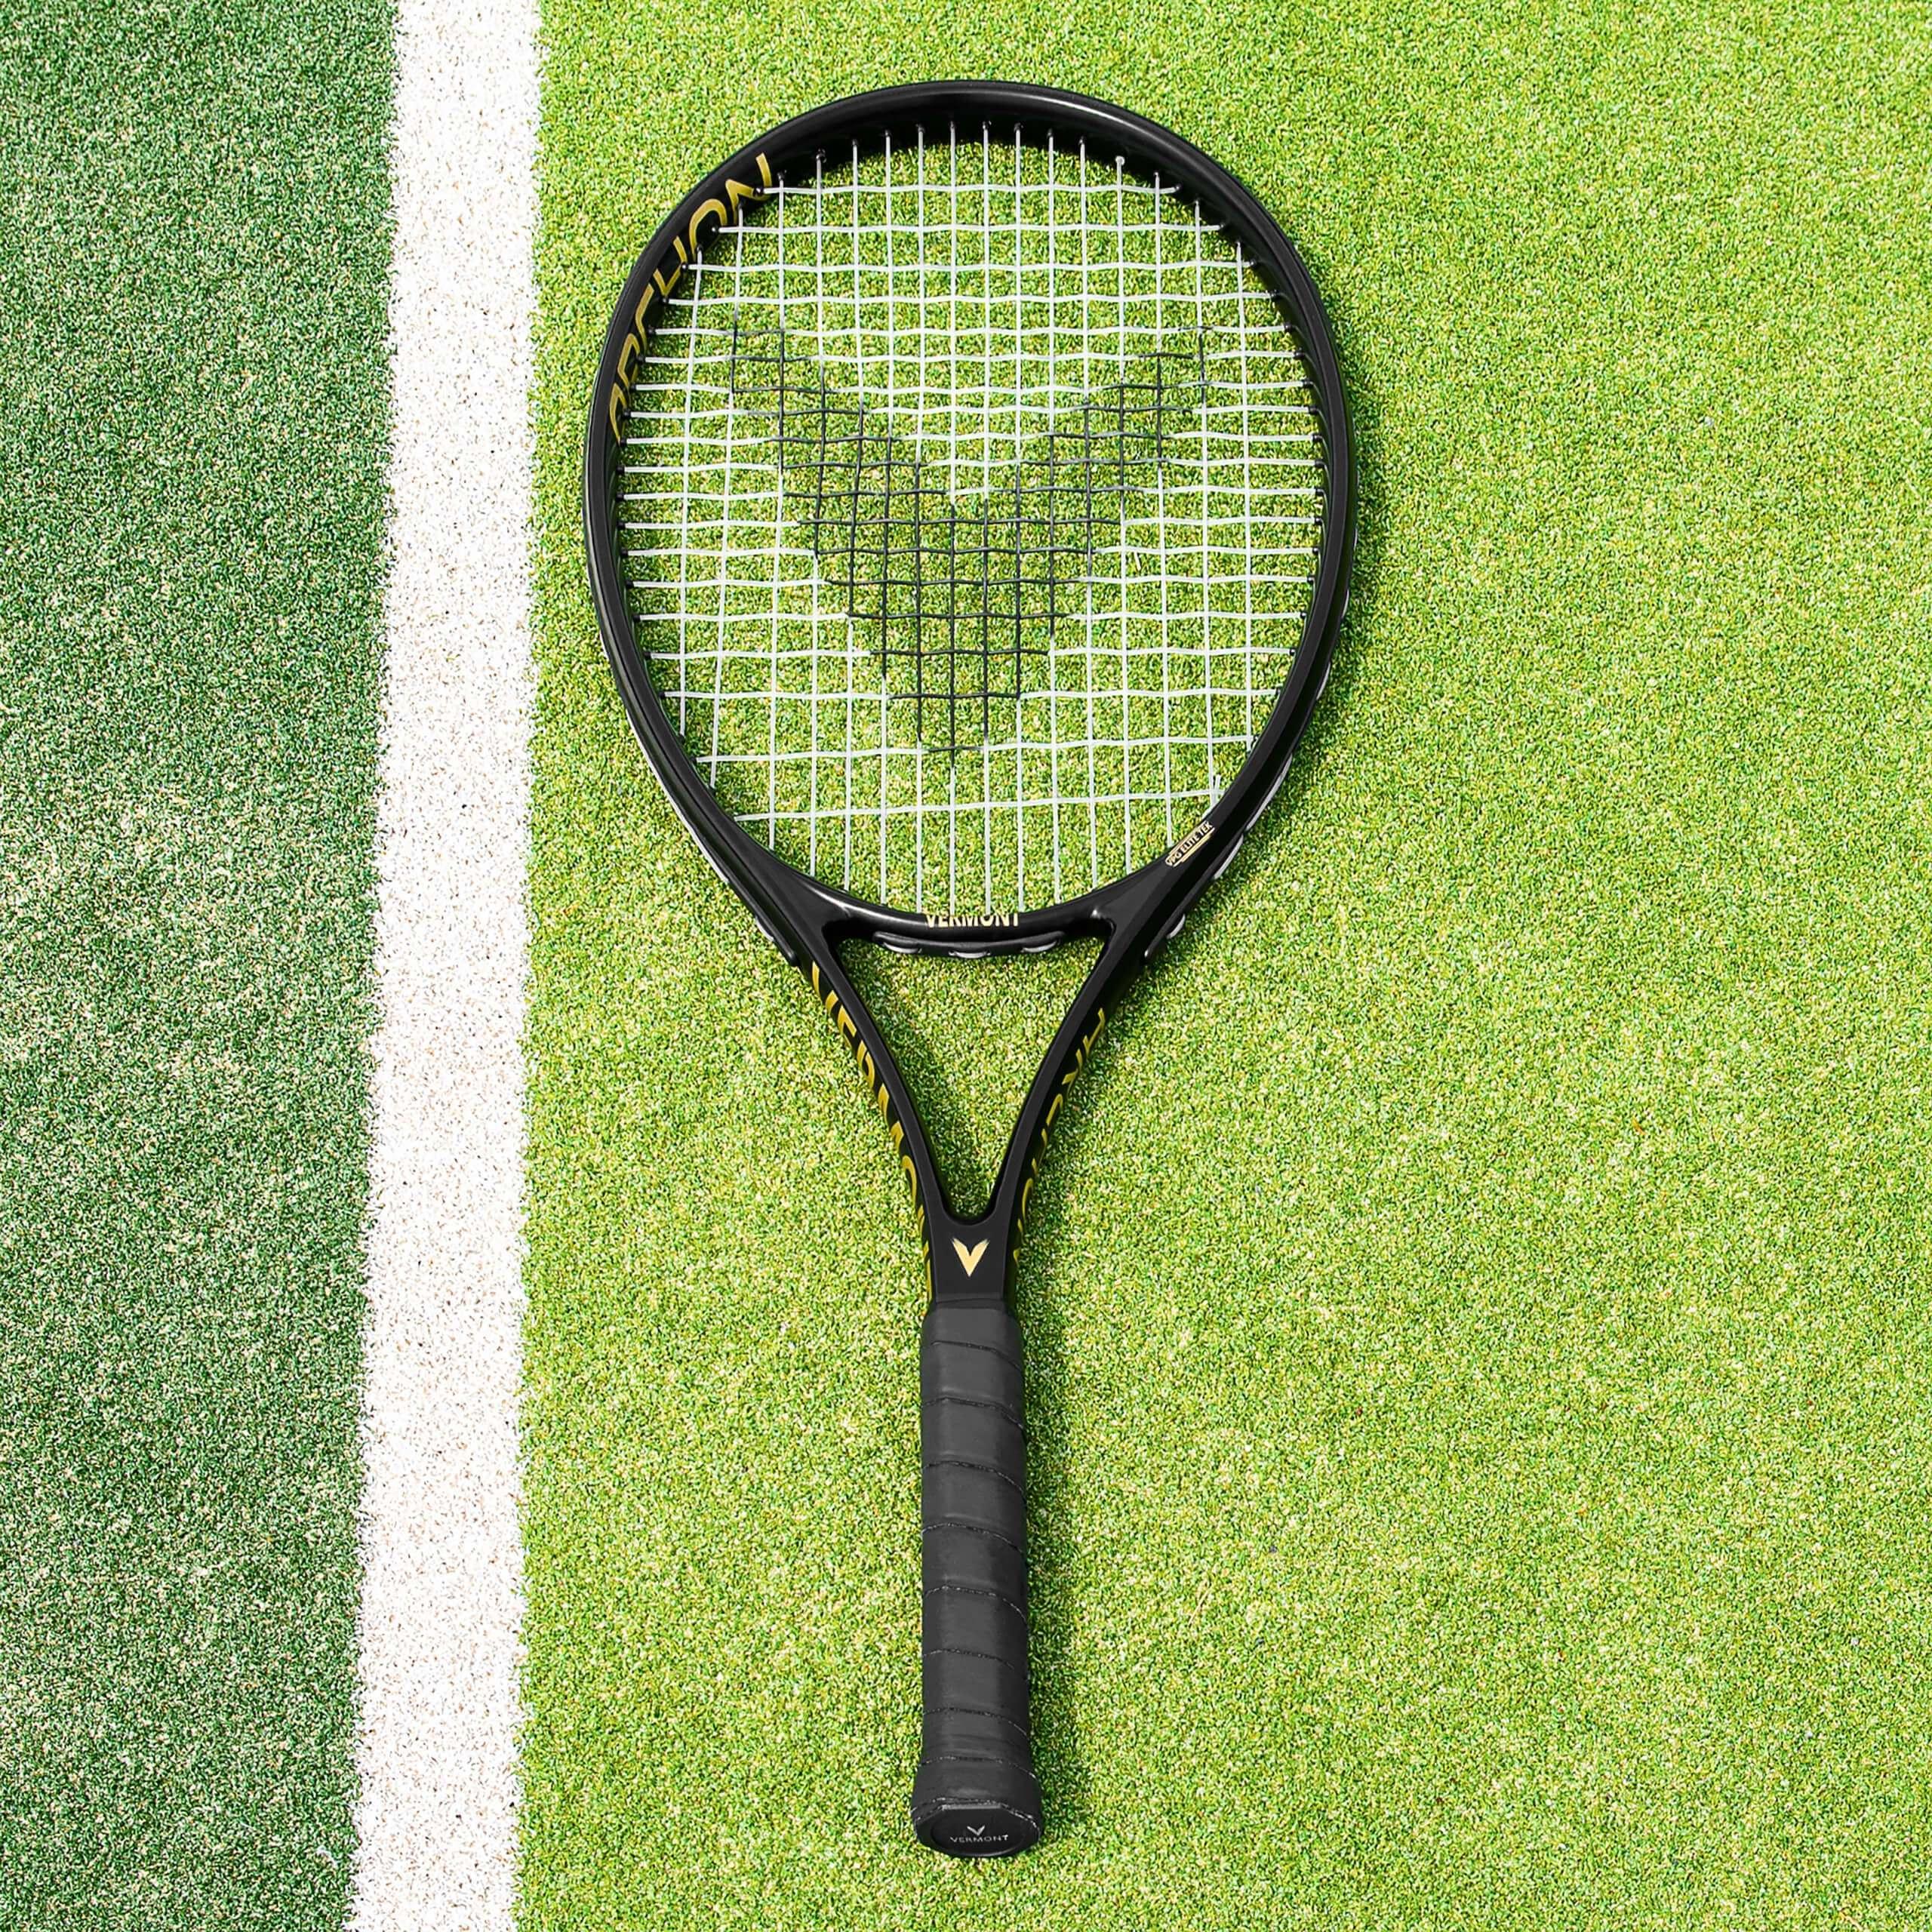 Vermont Archon Tennis Racket